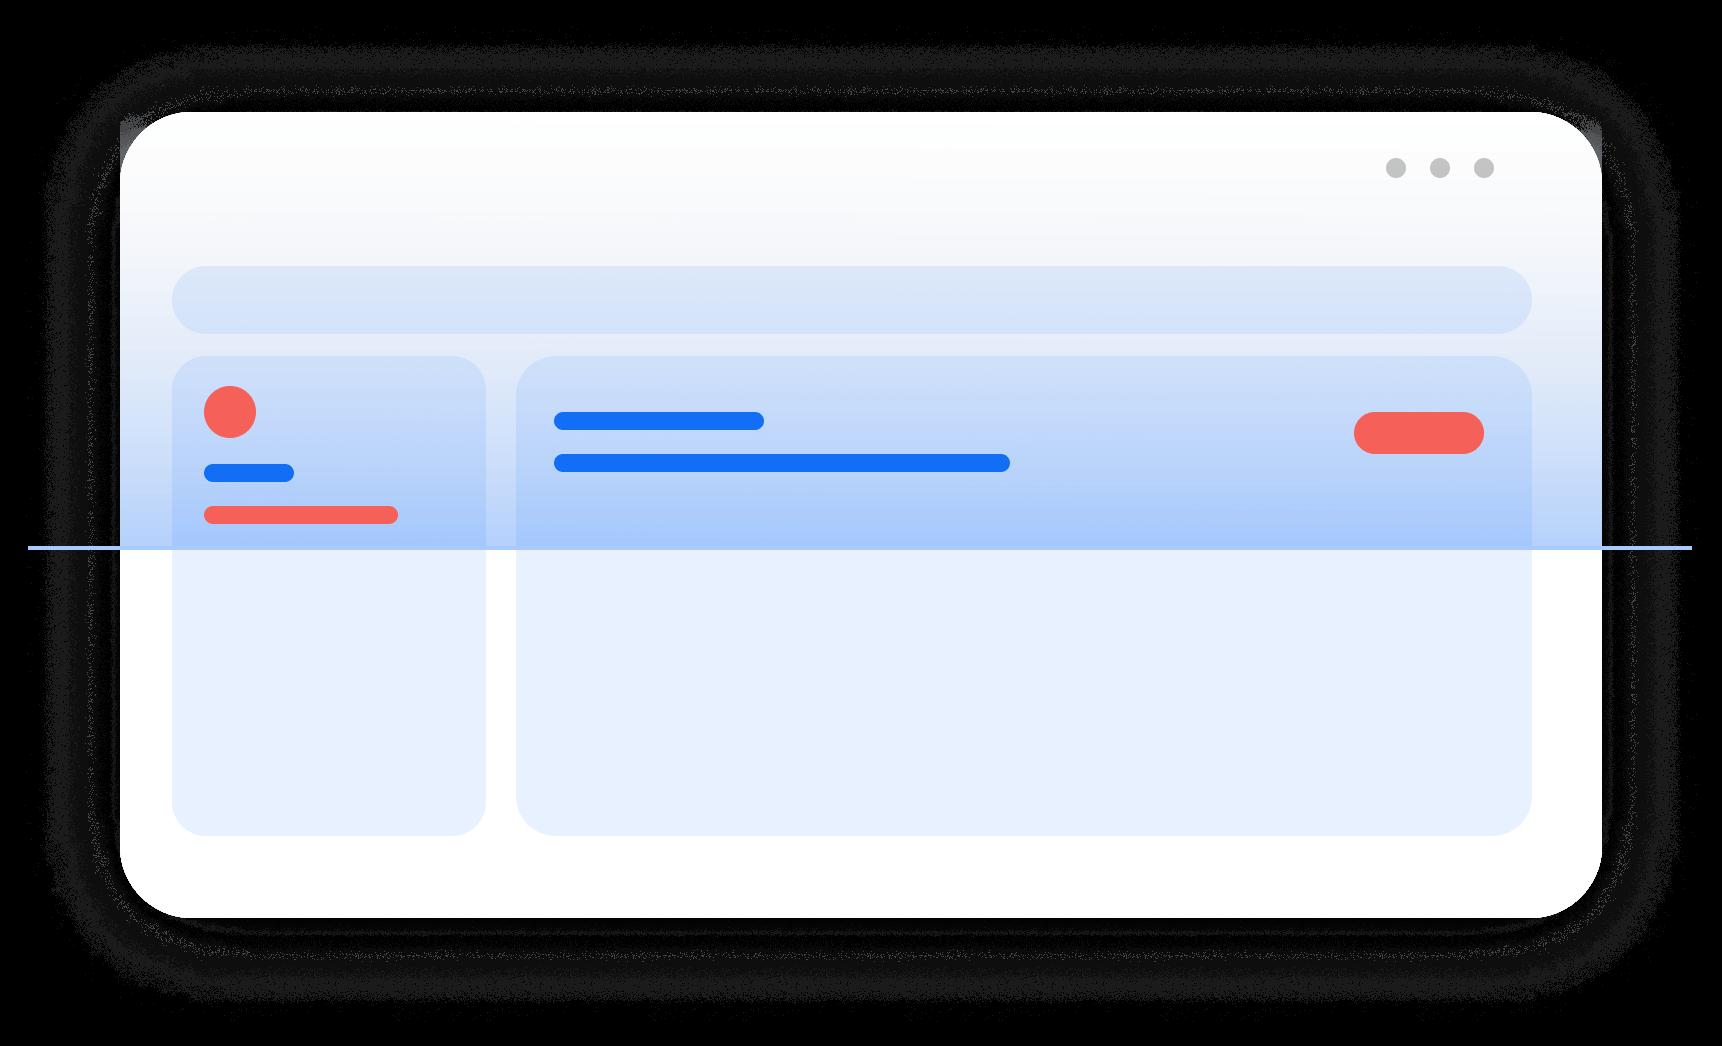 Illustrazione di una bozza di una pagina web mentre viene scannerizzata da aCe